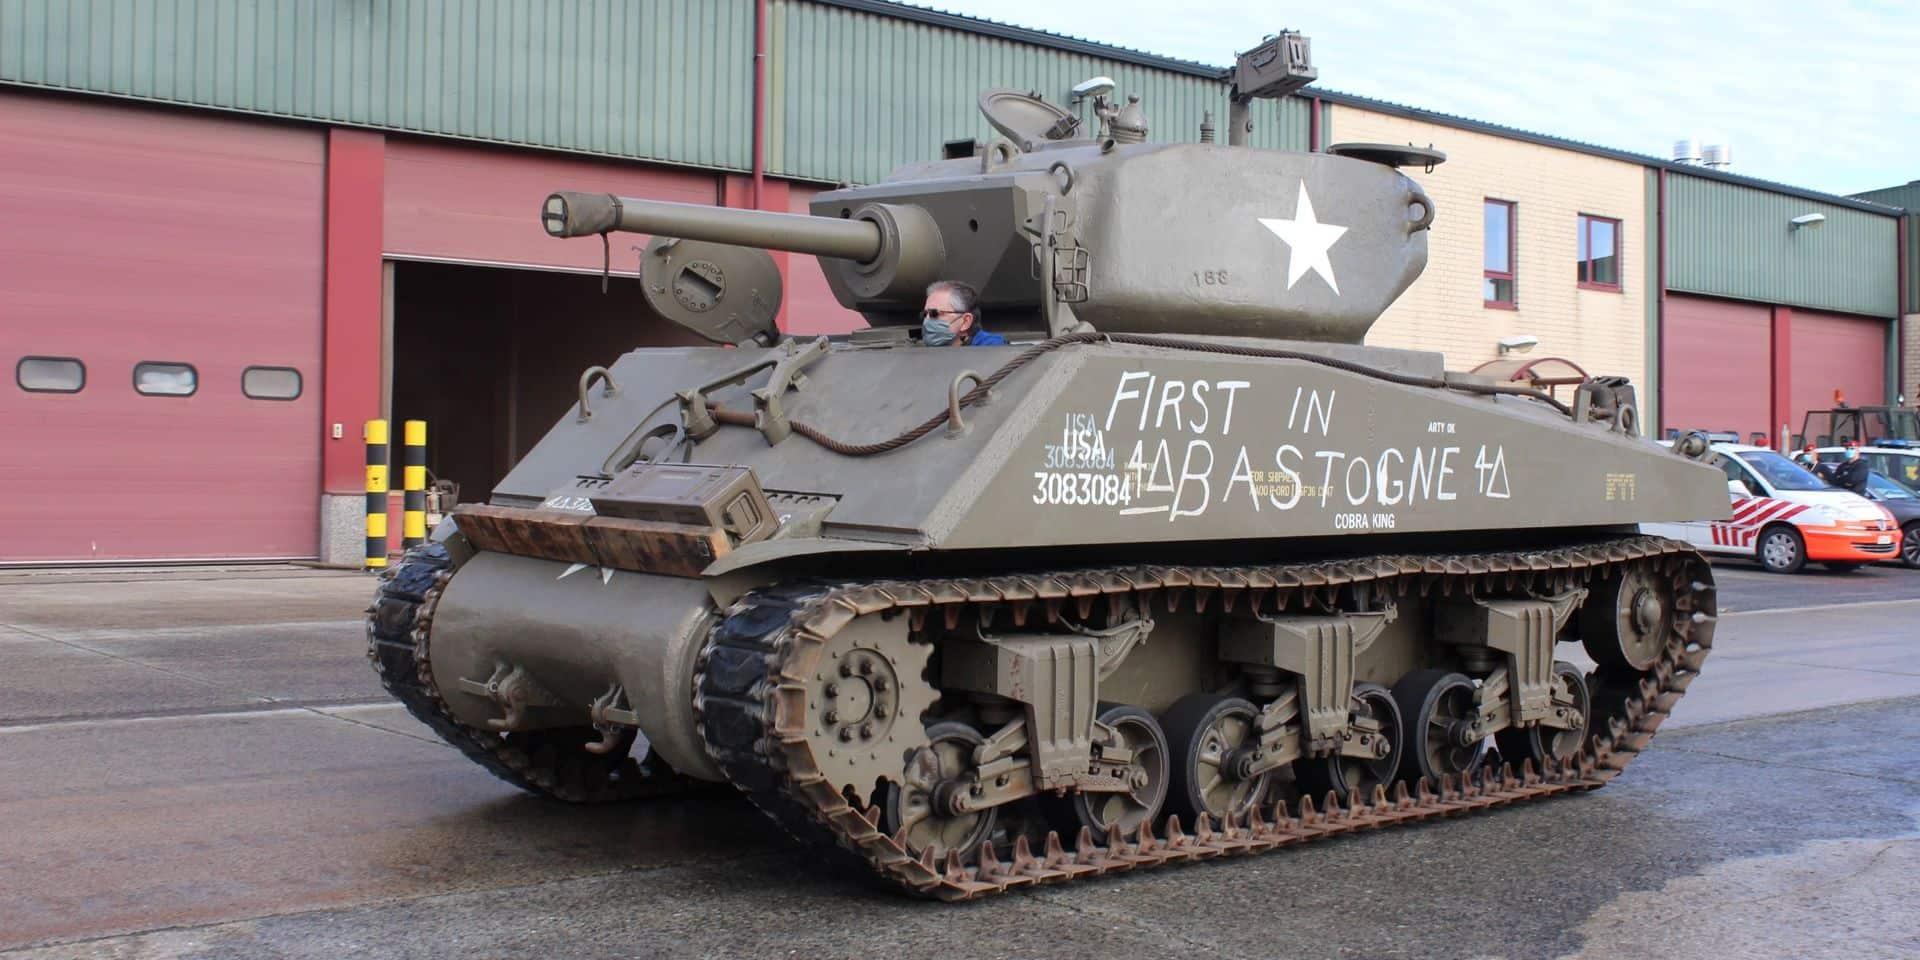 Les militaires ne quitteront pas la caserne de Bastogne